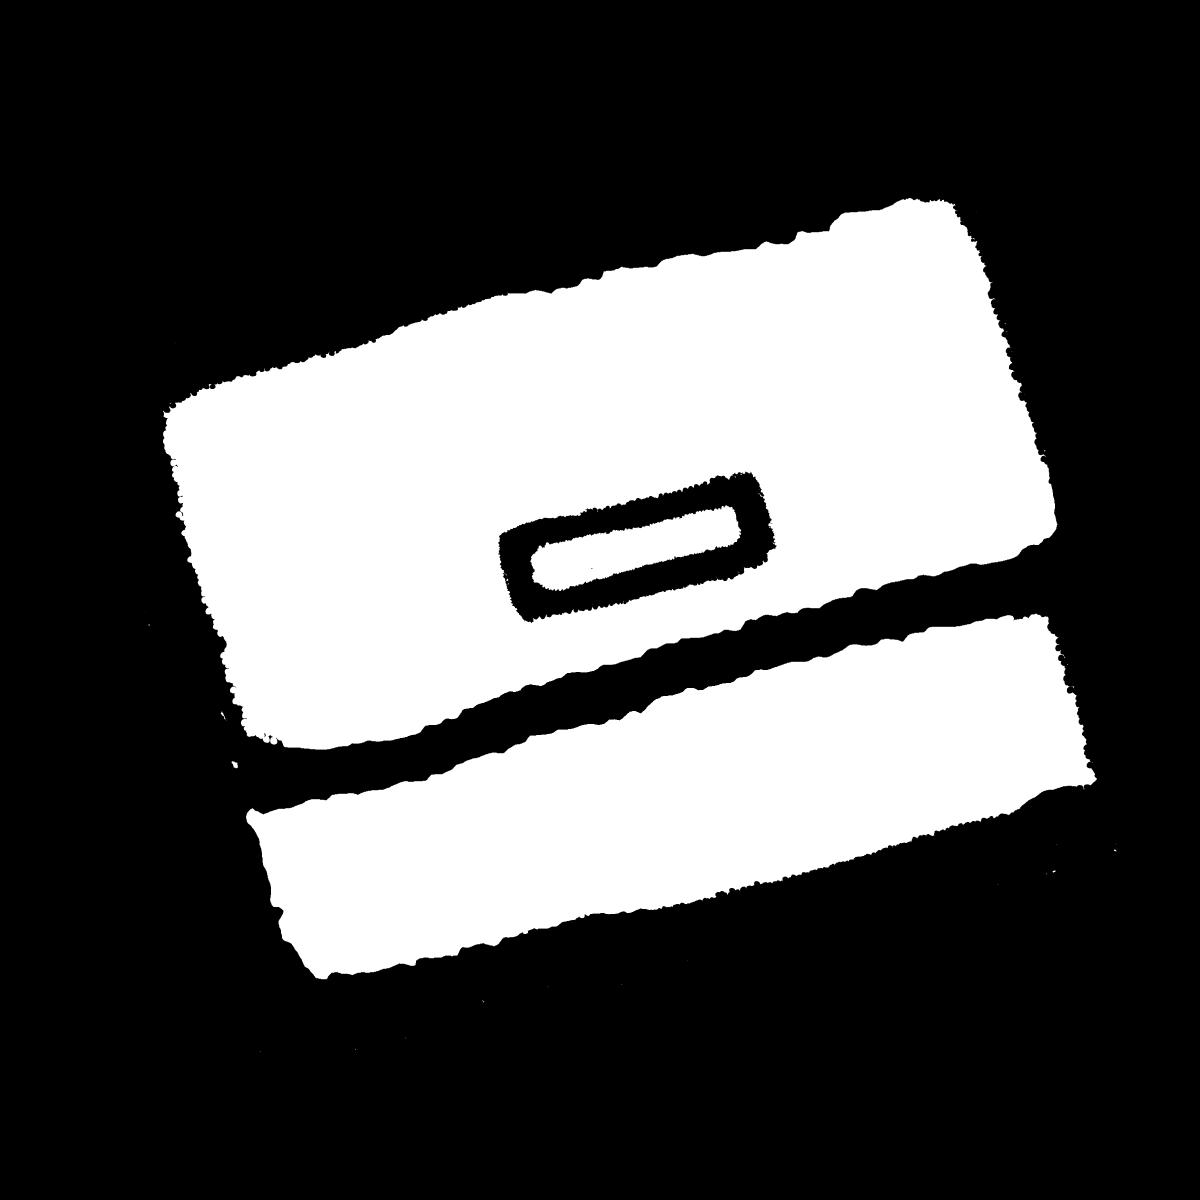 名刺入れのイラスト / Card case Illustration